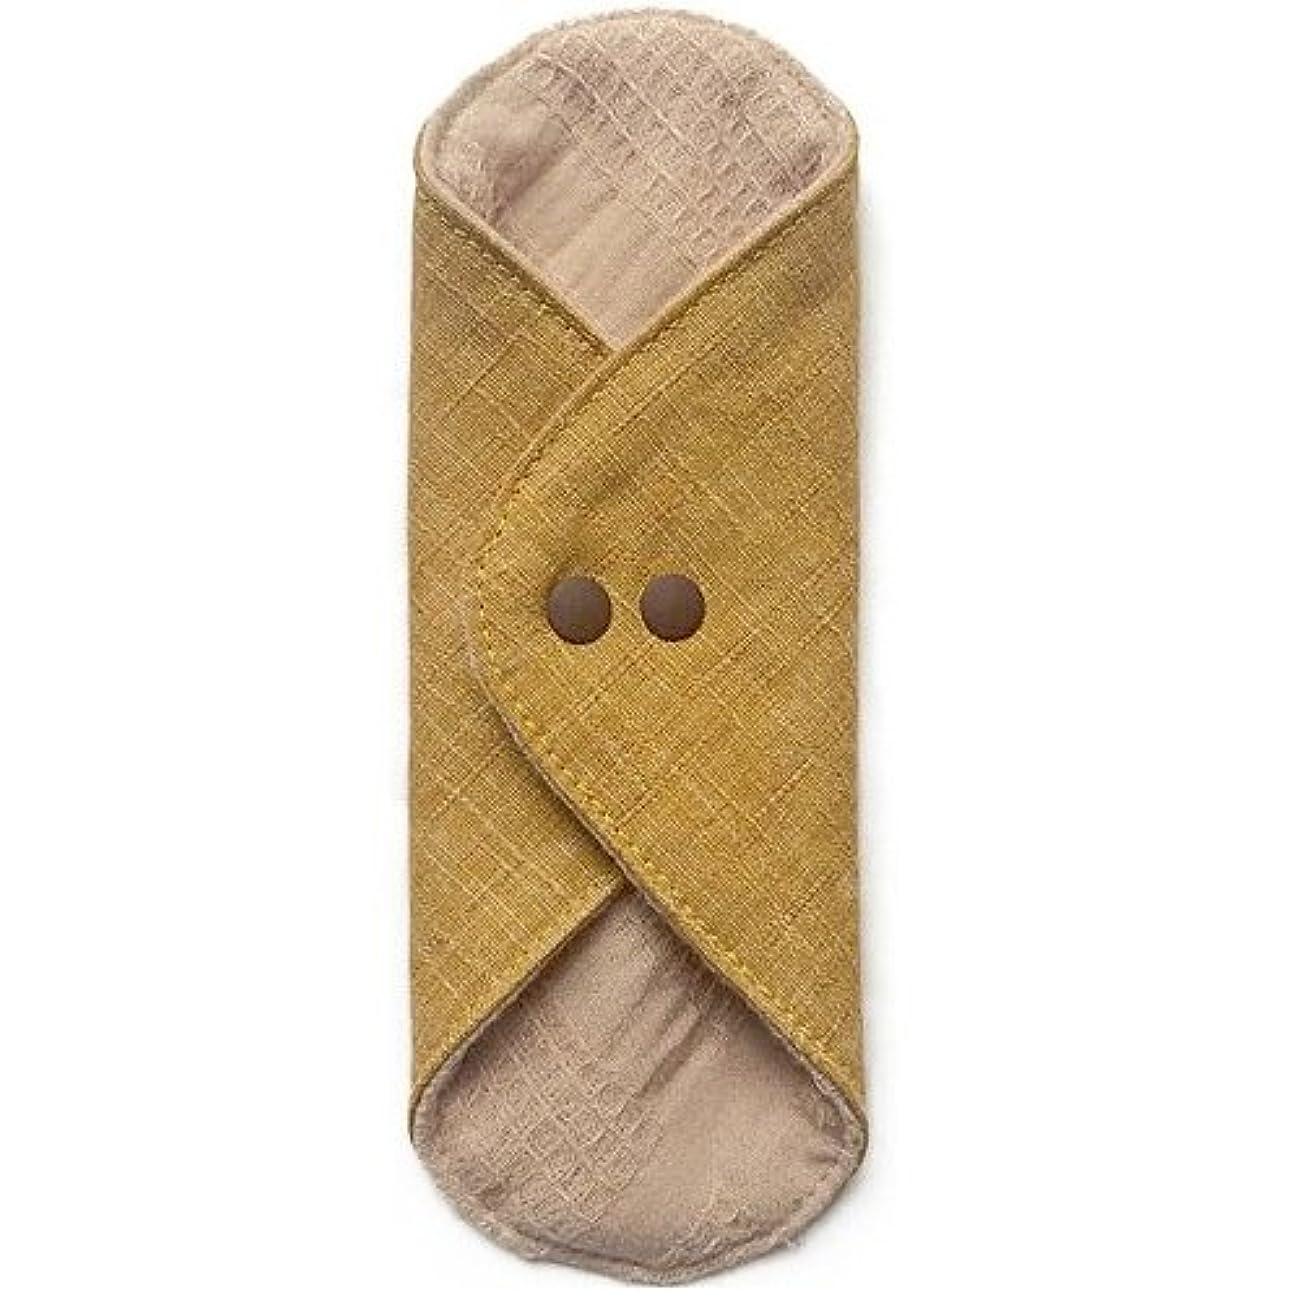 アラバマ偶然の好奇心華布のオーガニックコットンのあたため布 Mサイズ(約15×約15cm) 彩り(山吹)